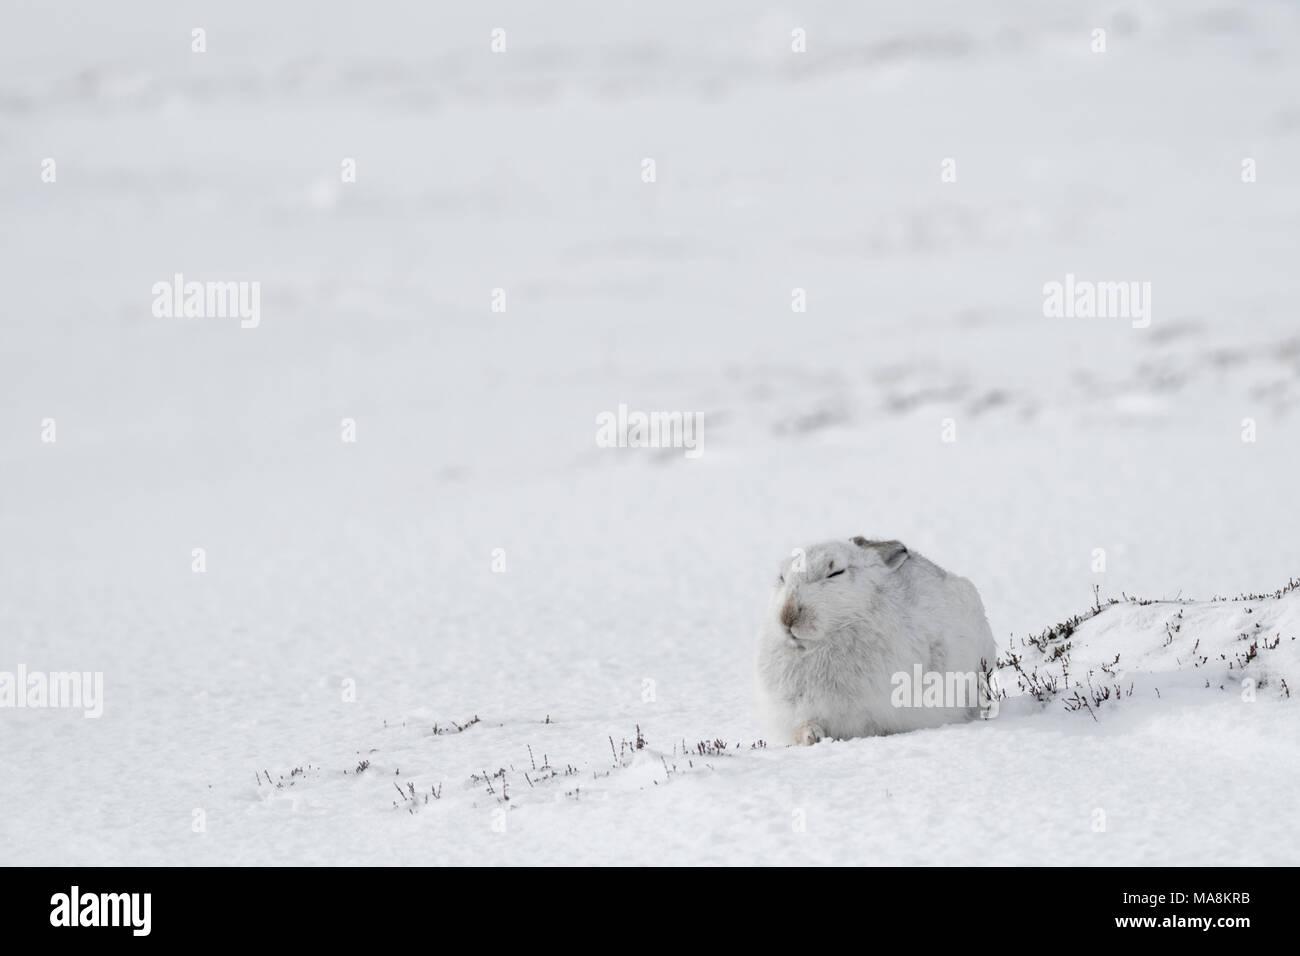 La liebre de montaña (Lepus timidus) sentados en laderas cubiertas de nieve en las Highlands escocesas, marzo de 2018 Foto de stock